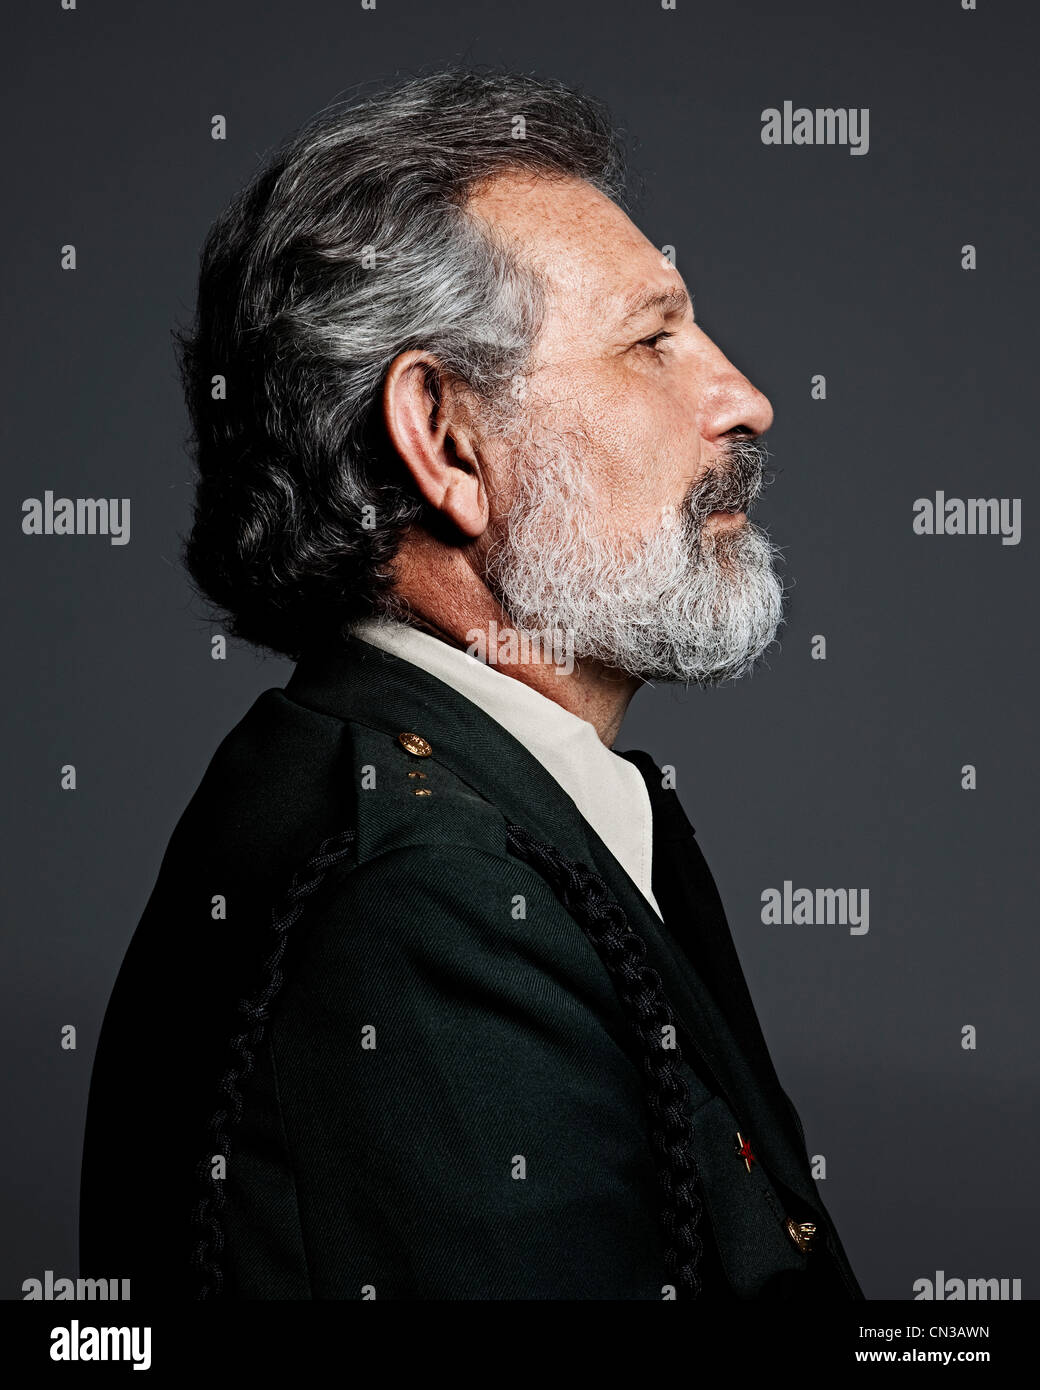 Profil von senior Man militärische Uniform tragen Stockbild